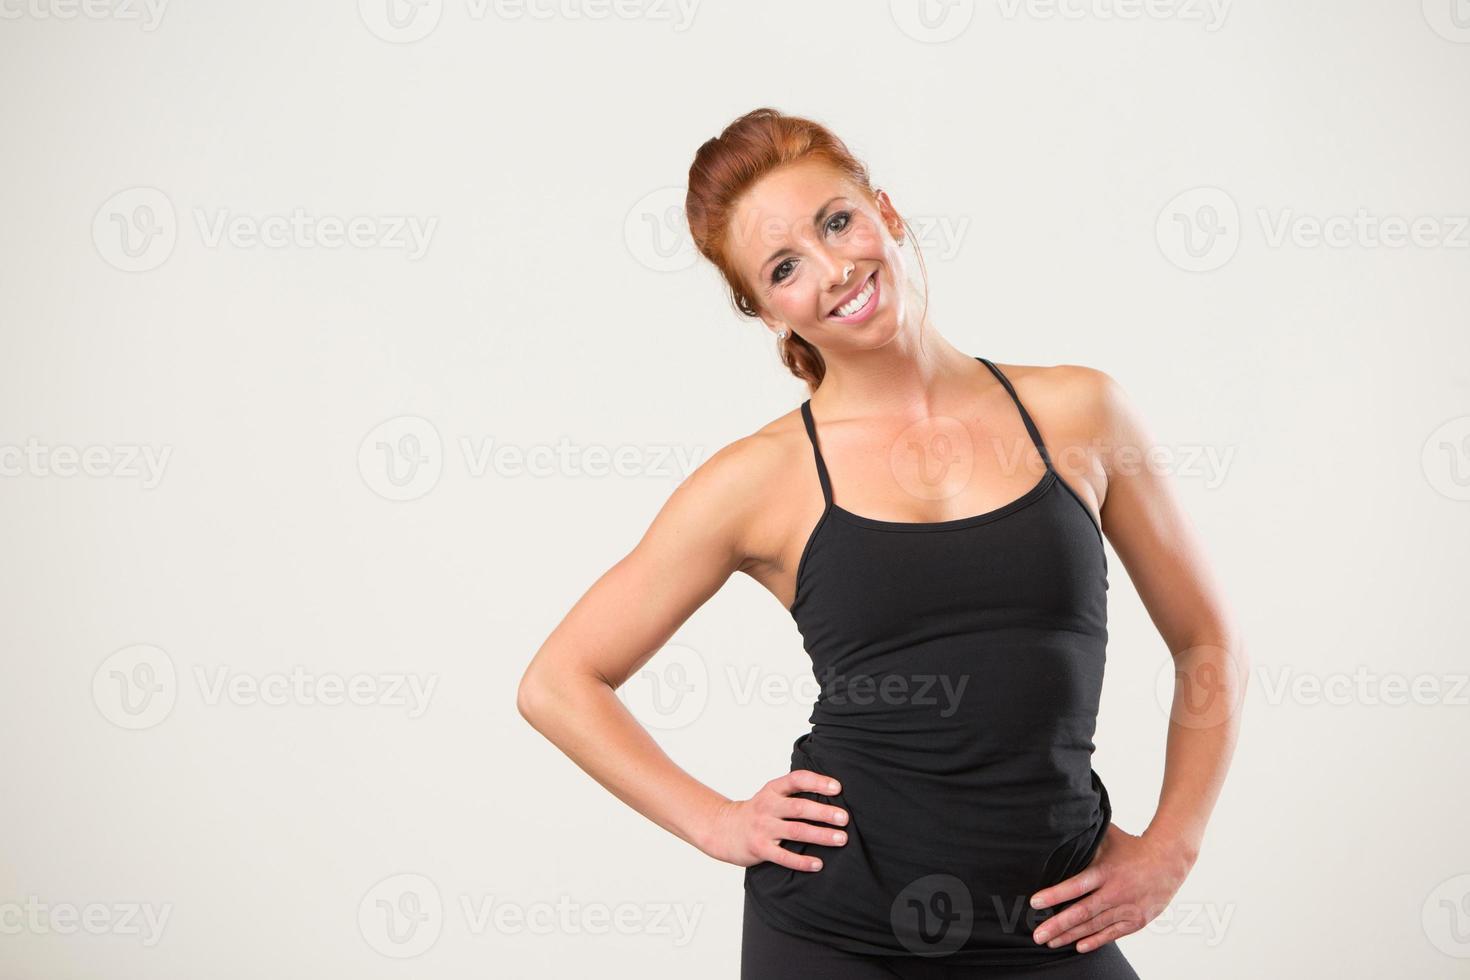 instrutor de fitness feminino foto